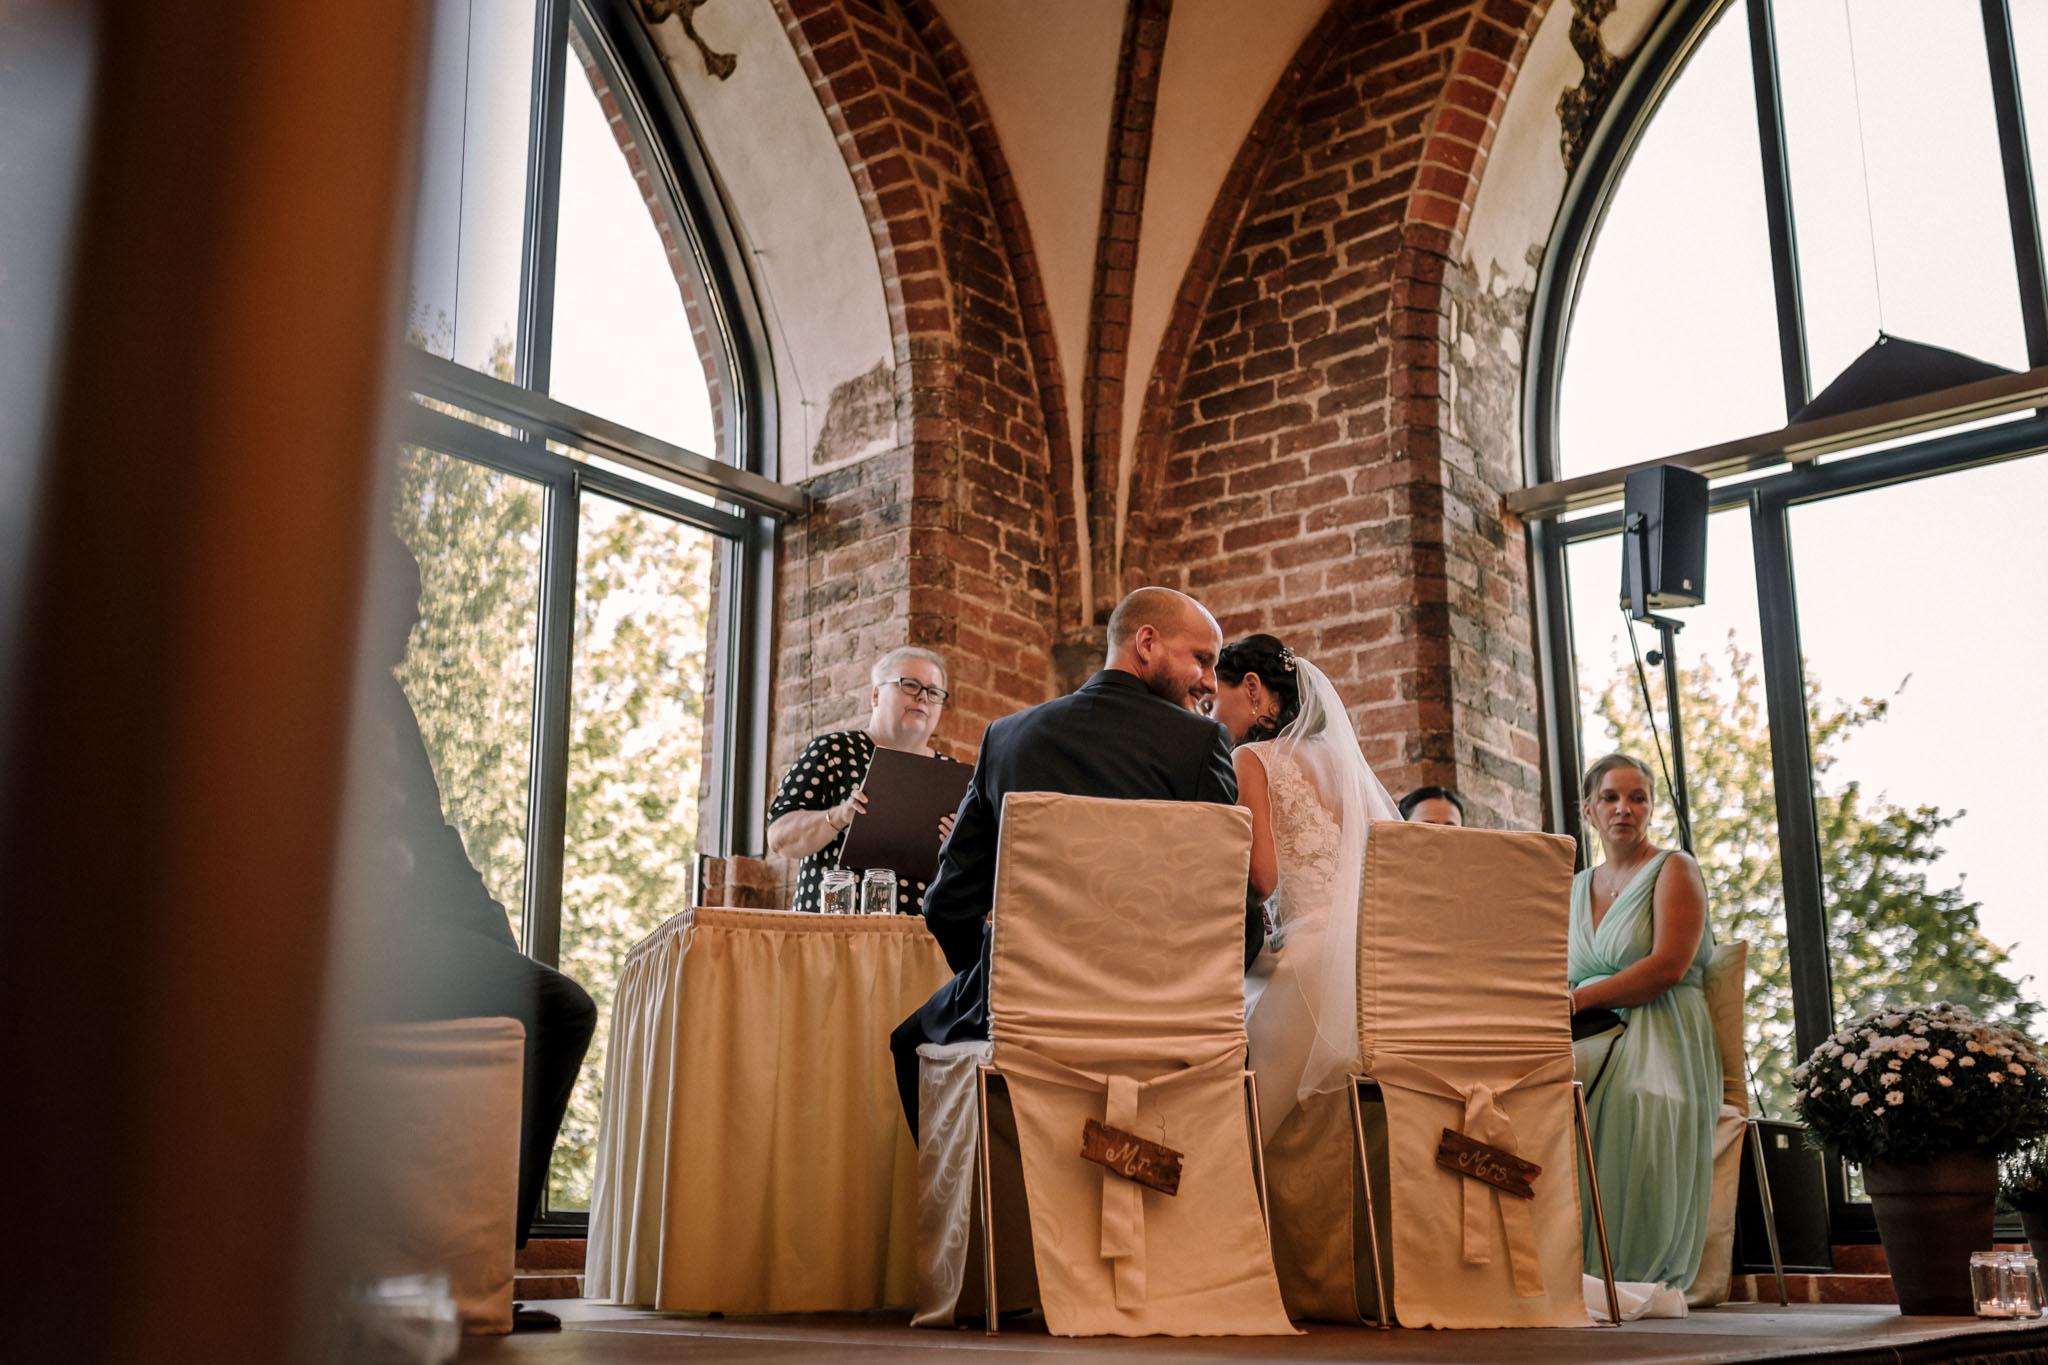 Hochzeitsfieber by Photo-Schomburg, Hochzeitsfotograf, Hamburg,Hochzeitstag, Hochzeitspaar, Braut, Bräutigam, Literaturhauscafe Zarrentin-25